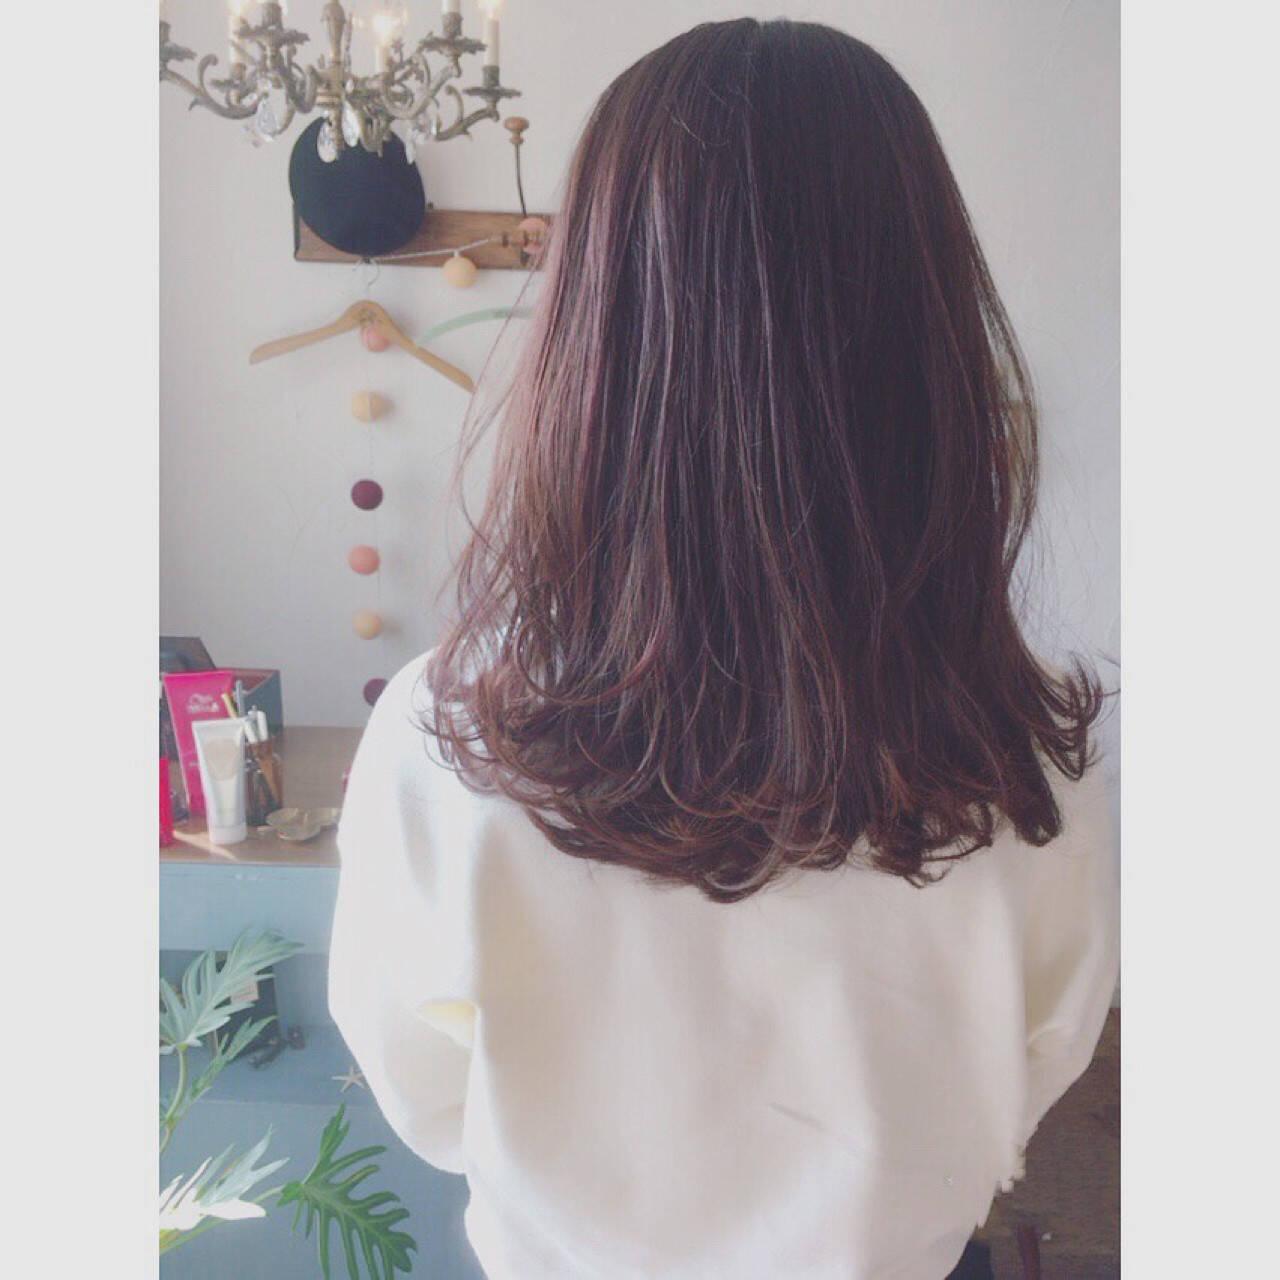 ピンクアッシュ ラベンダー ピンク ベージュヘアスタイルや髪型の写真・画像